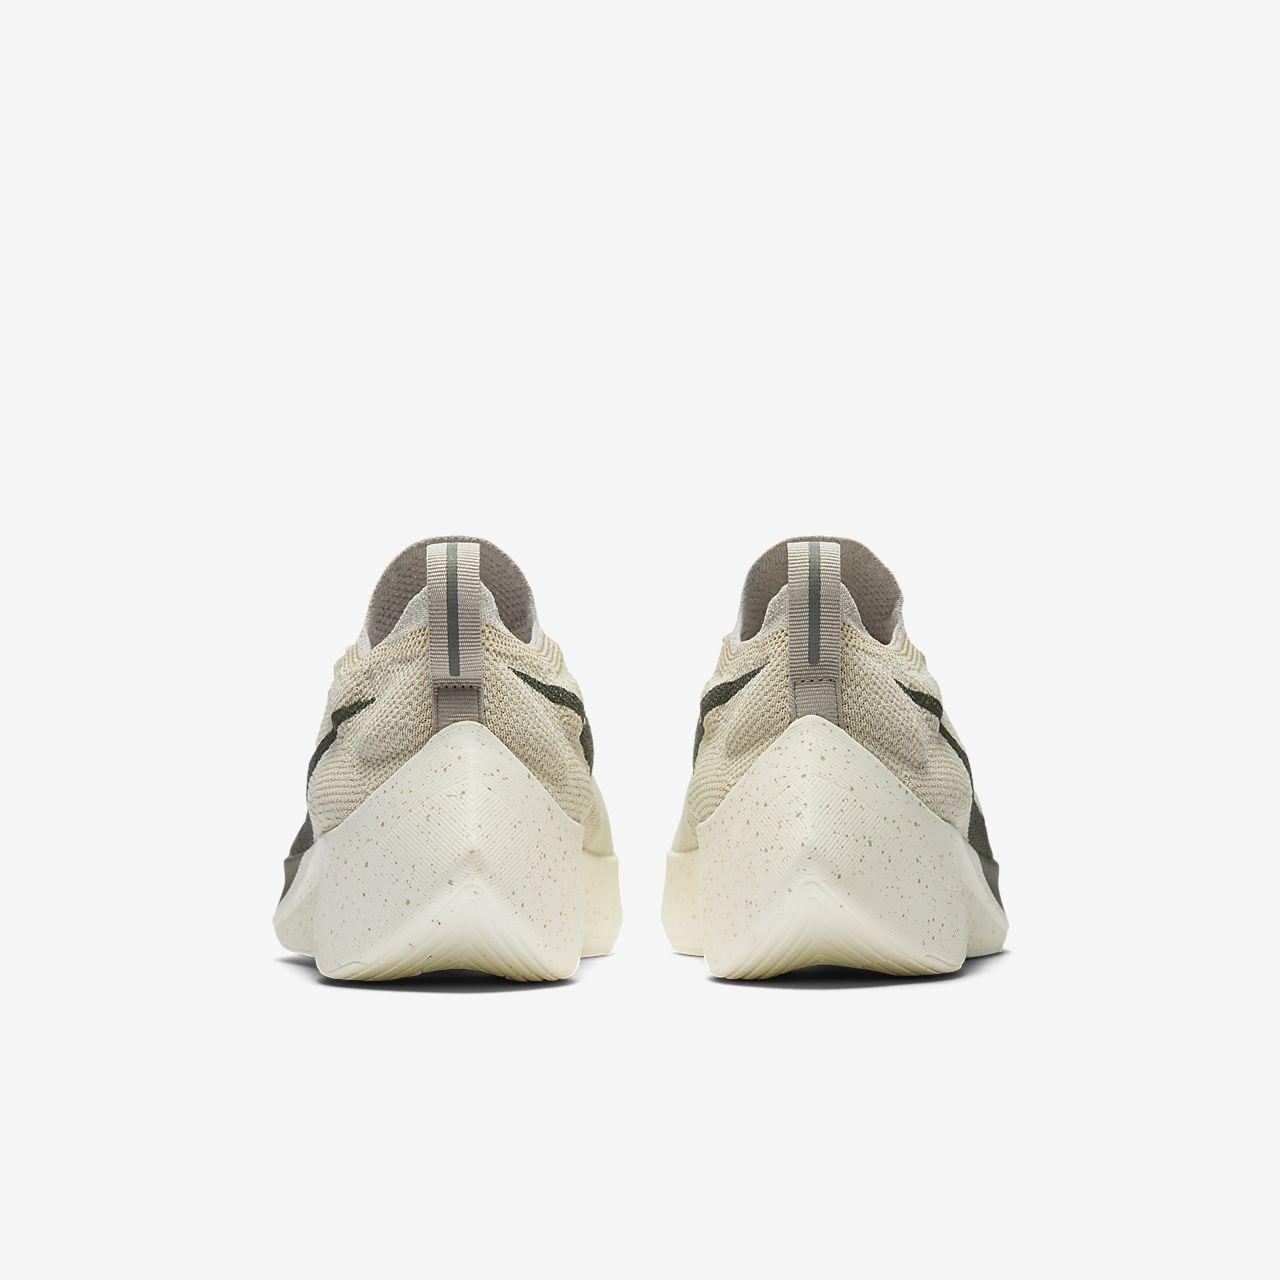 ... Nike React Vapor Street Flyknit Men's Shoe